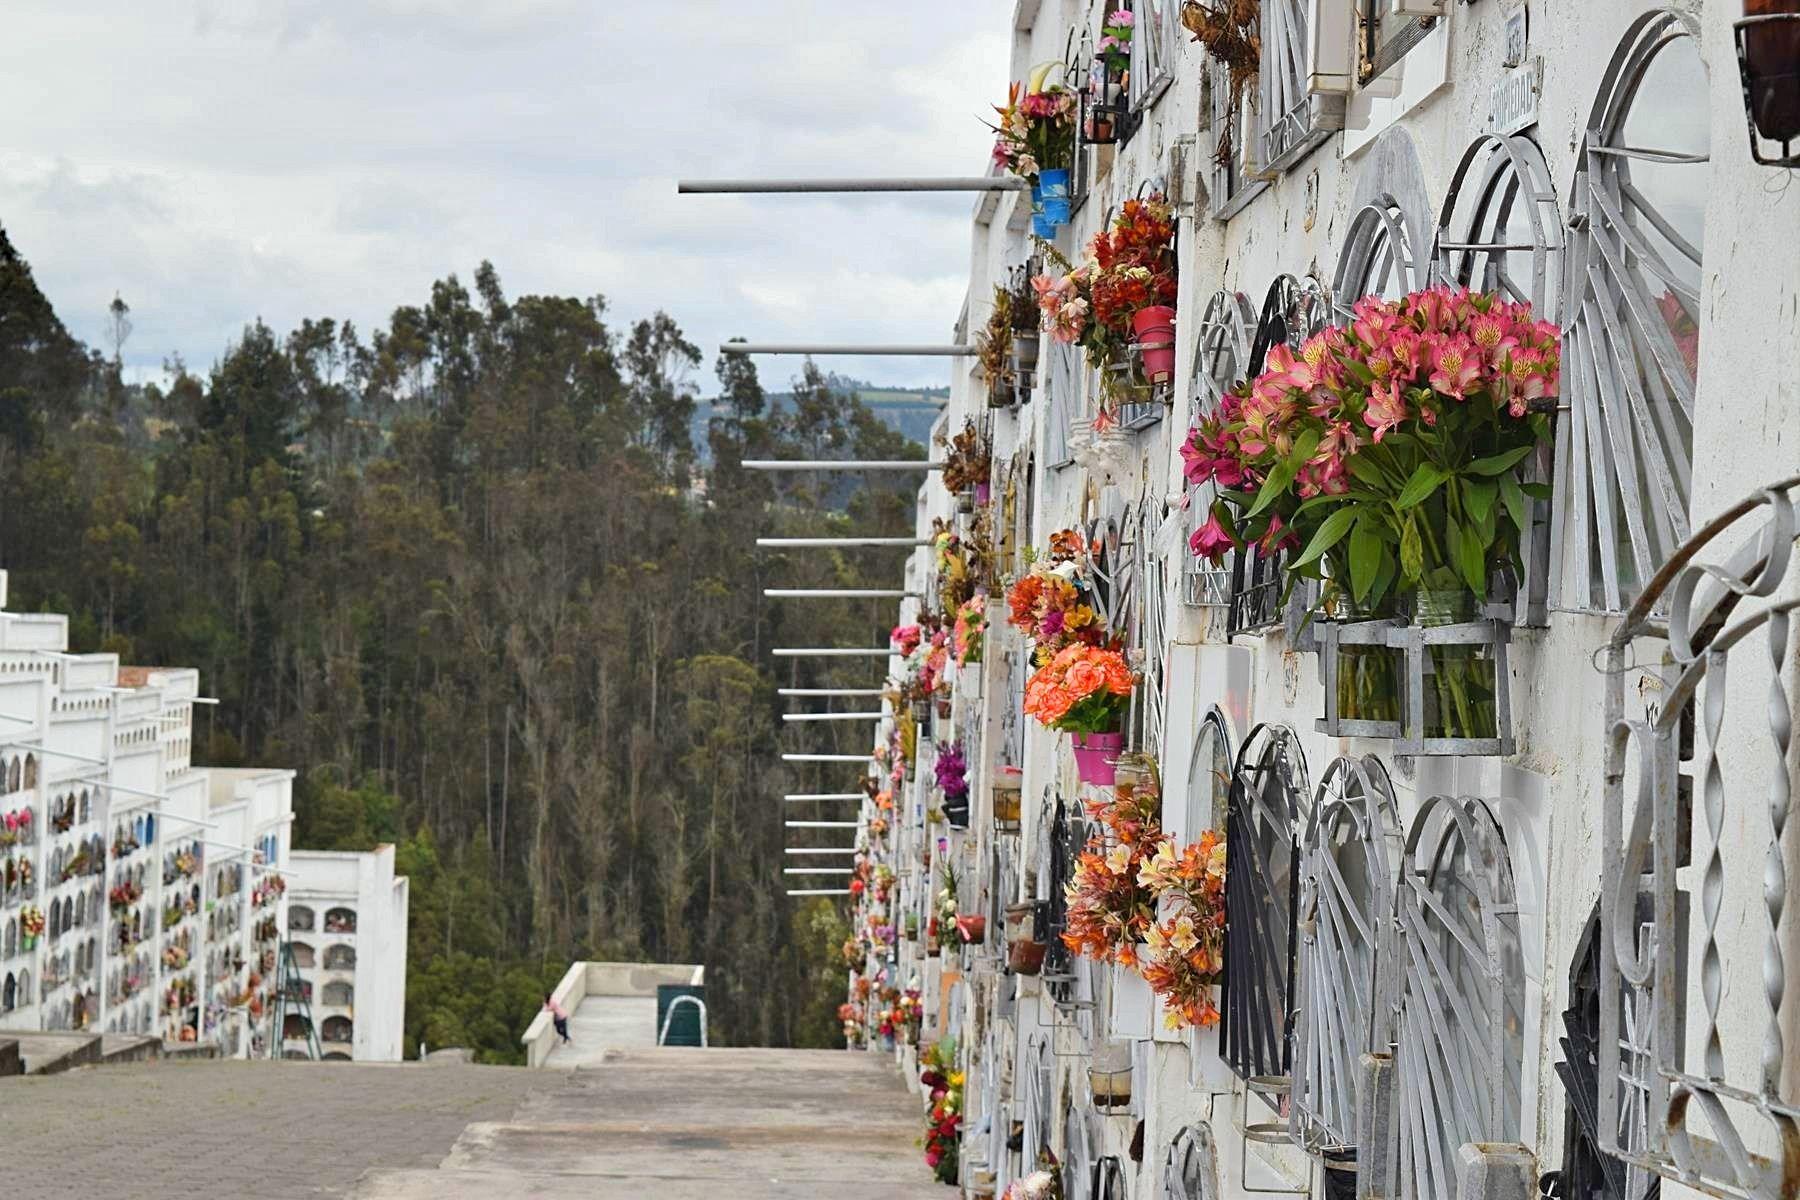 Cementerio de Tulcán Ecuador grens Colombia